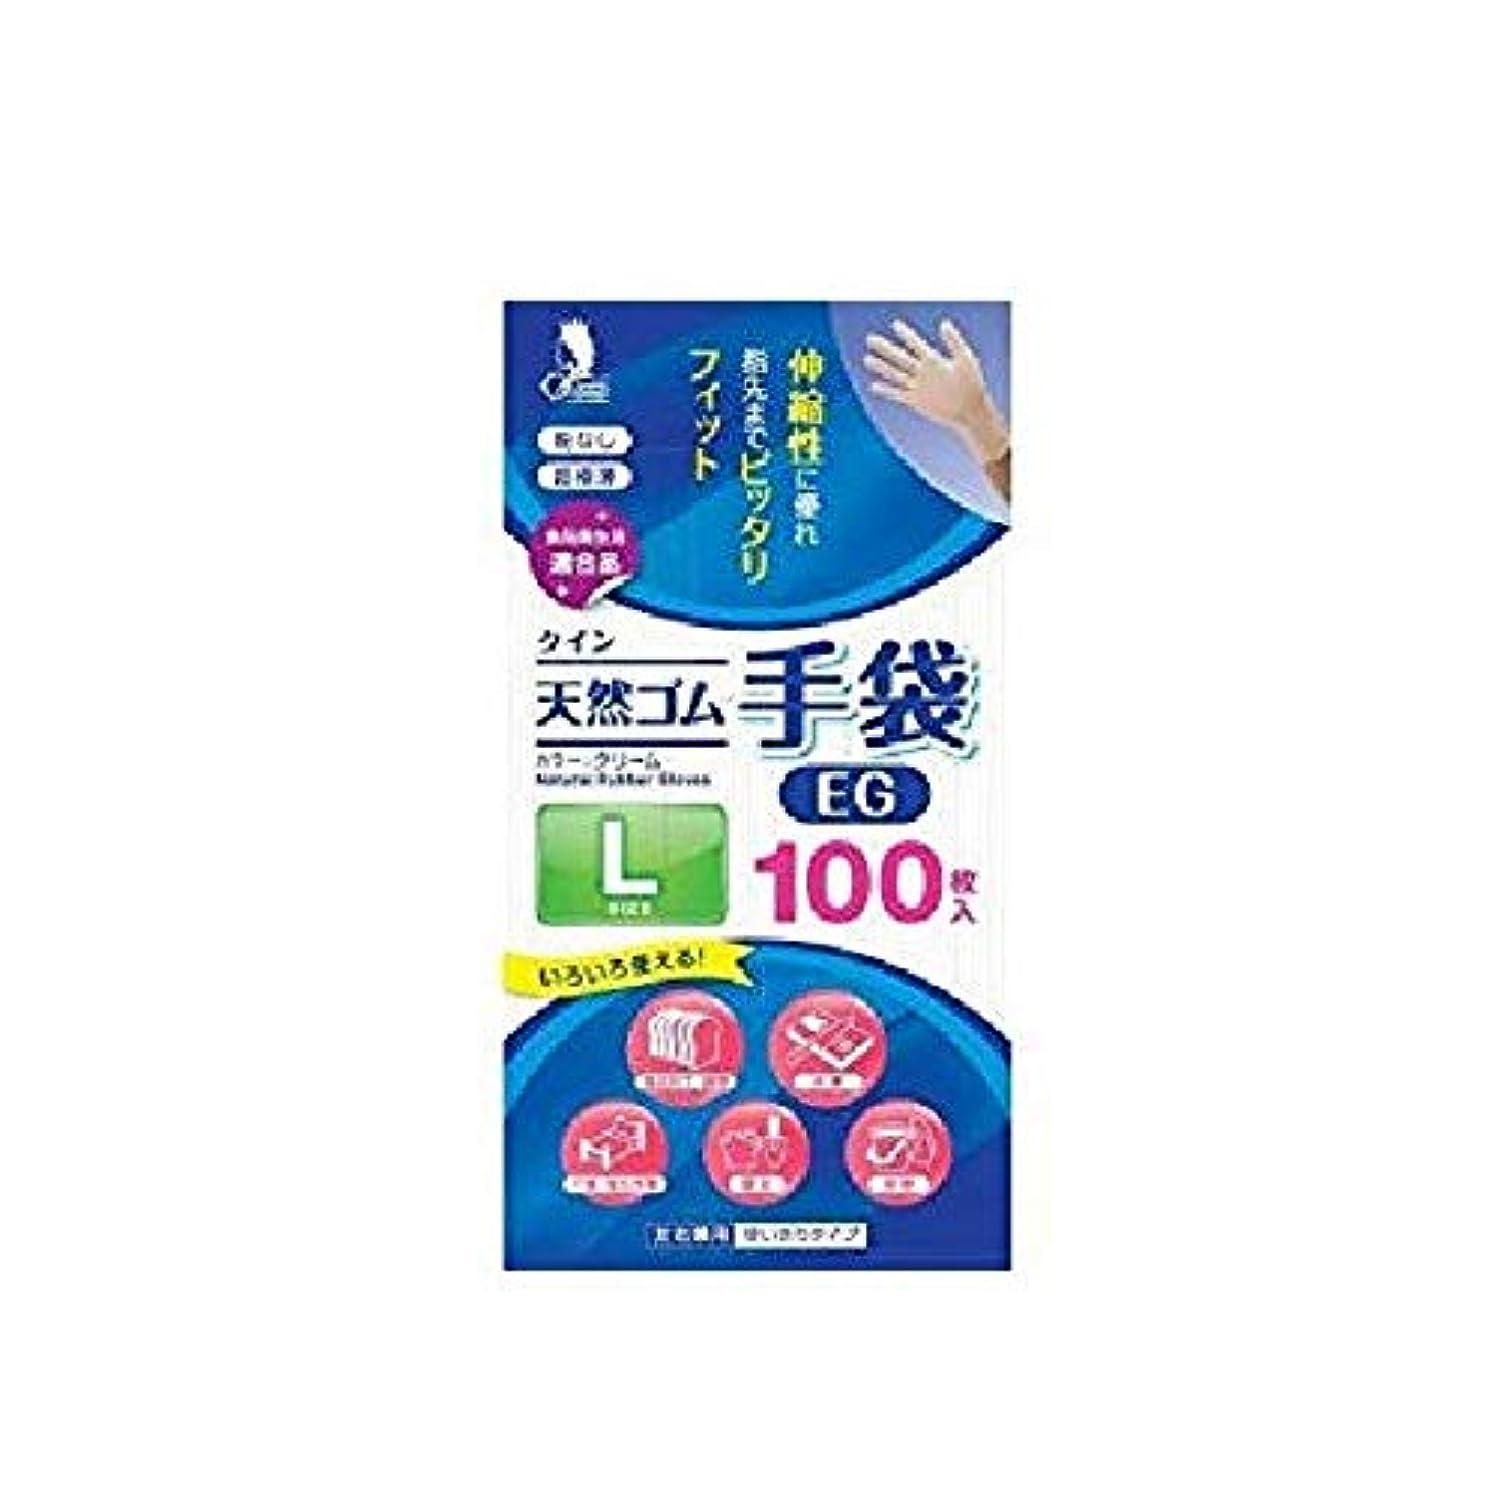 プラス体細胞新年宇都宮製作 クイン 天然ゴム 手袋 EG 粉なし 100枚入 Lサイズ